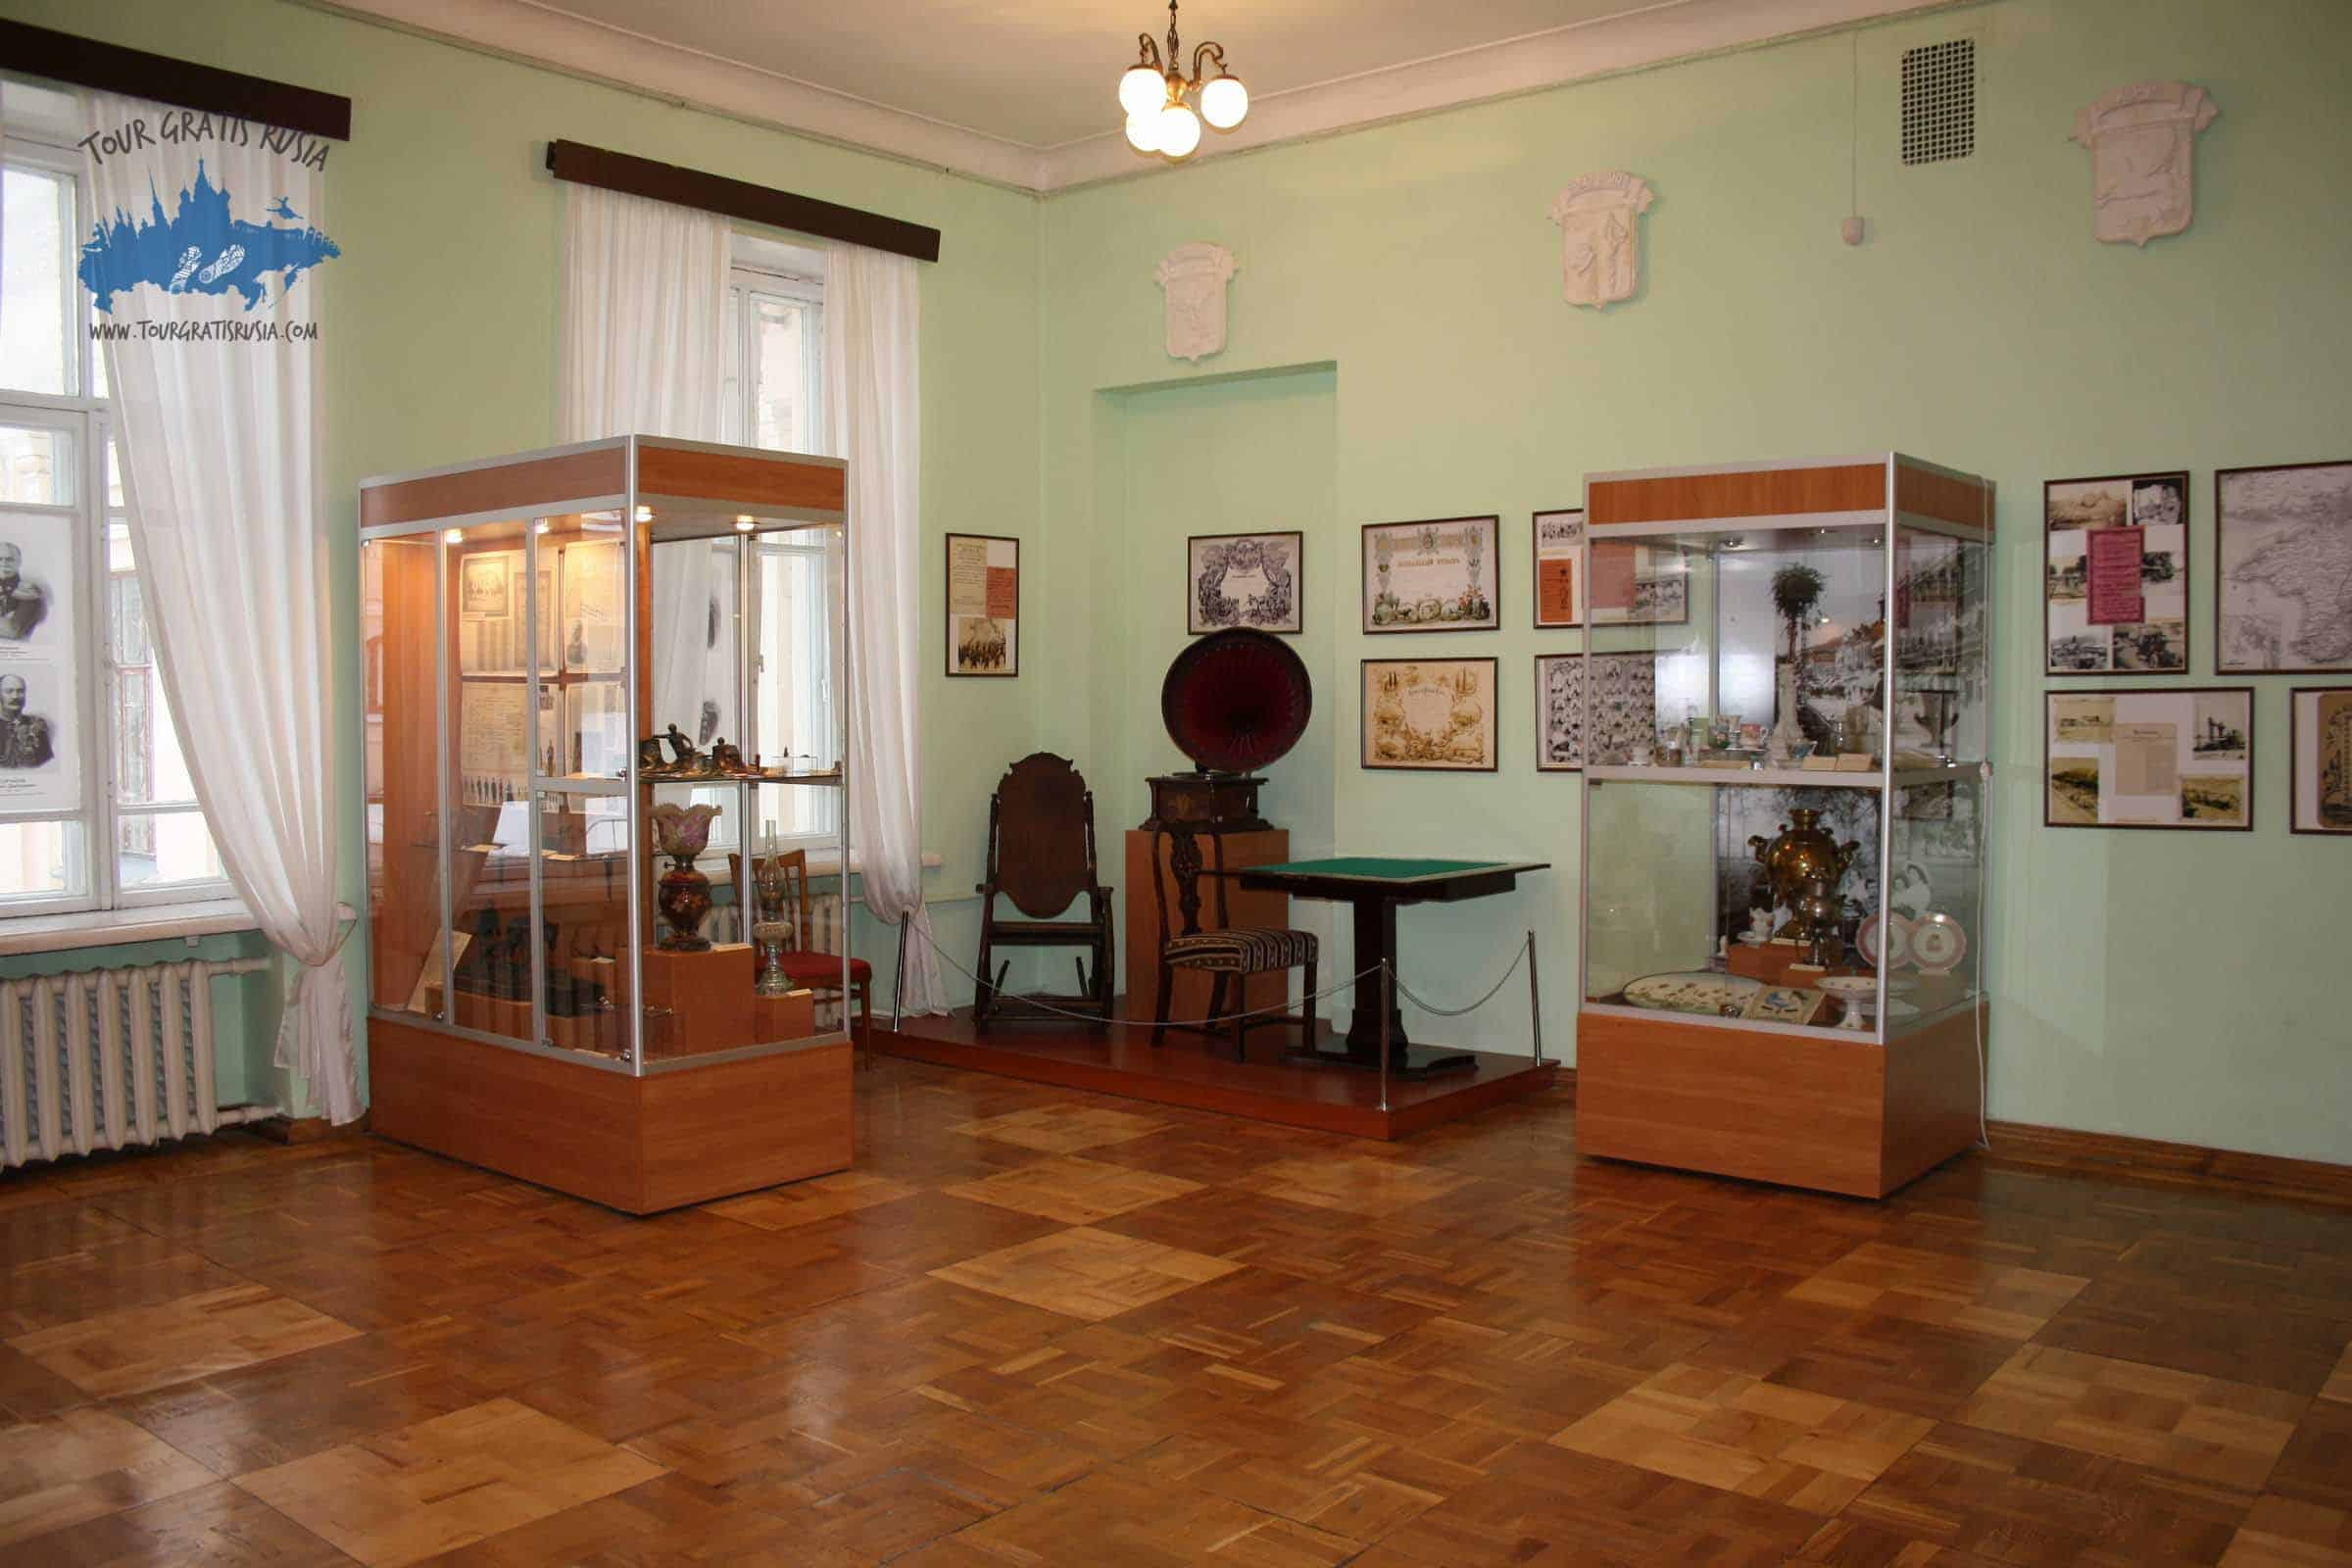 Excursionar en el Museo Central de Tauris en Simferopol